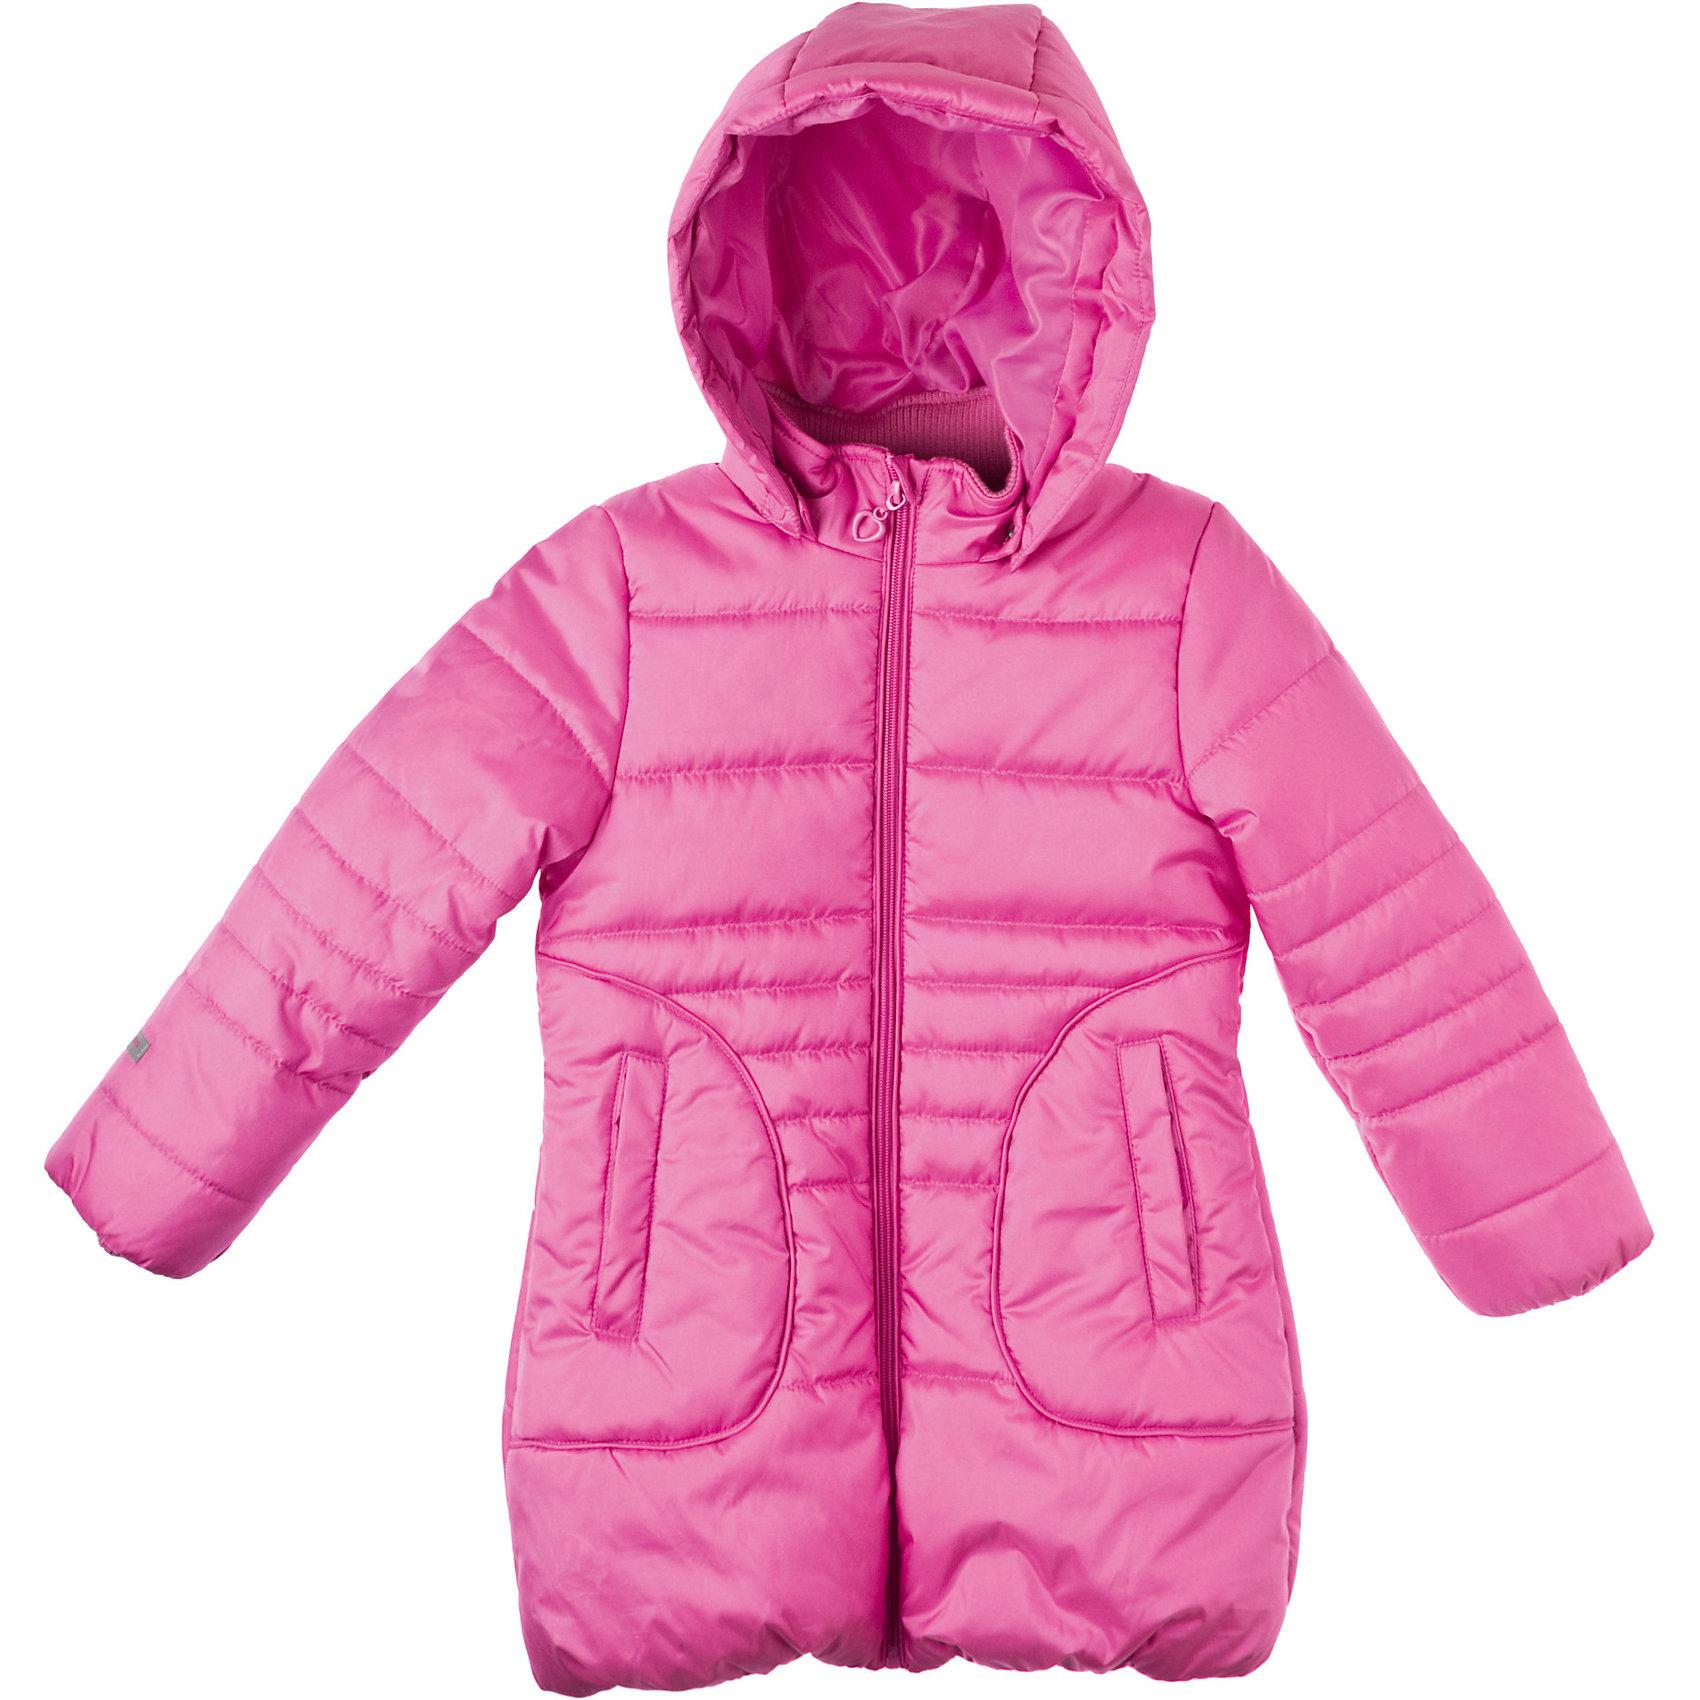 Пальто для девочки PlayTodayПальто для девочки PlayToday Теплое пальто на молнии из непромокаемой ткани. Карманы на липучках. Капюшон отстегивается. Состав: Верх: 88% полиэстер, 12% нейлон, подкладка: 100% полиэстер, наполнитель: 100% полиэстер<br><br>Ширина мм: 356<br>Глубина мм: 10<br>Высота мм: 245<br>Вес г: 519<br>Цвет: розовый<br>Возраст от месяцев: 36<br>Возраст до месяцев: 48<br>Пол: Женский<br>Возраст: Детский<br>Размер: 104,98,116,122,128,110<br>SKU: 4227966